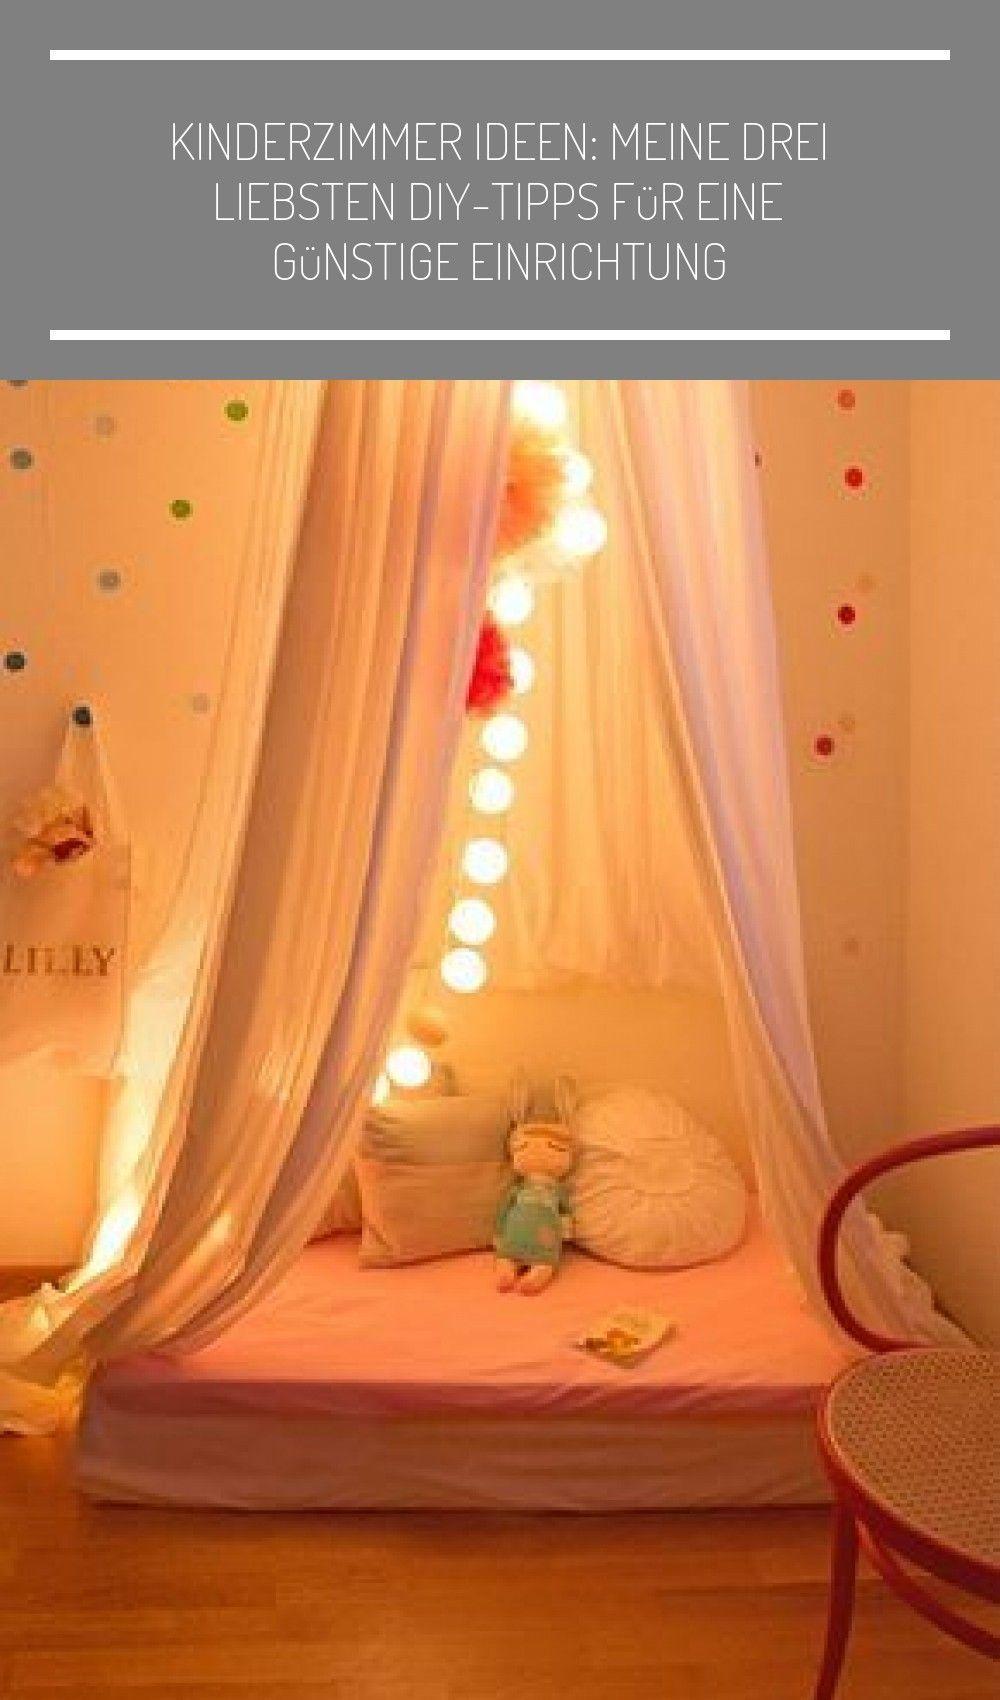 Full Size of Günstige Kinderzimmer Schlafzimmer Regal Sofa Weiß Küche Mit E Geräten Betten 180x200 Regale Günstiges Bett 140x200 Fenster Komplett Kinderzimmer Günstige Kinderzimmer